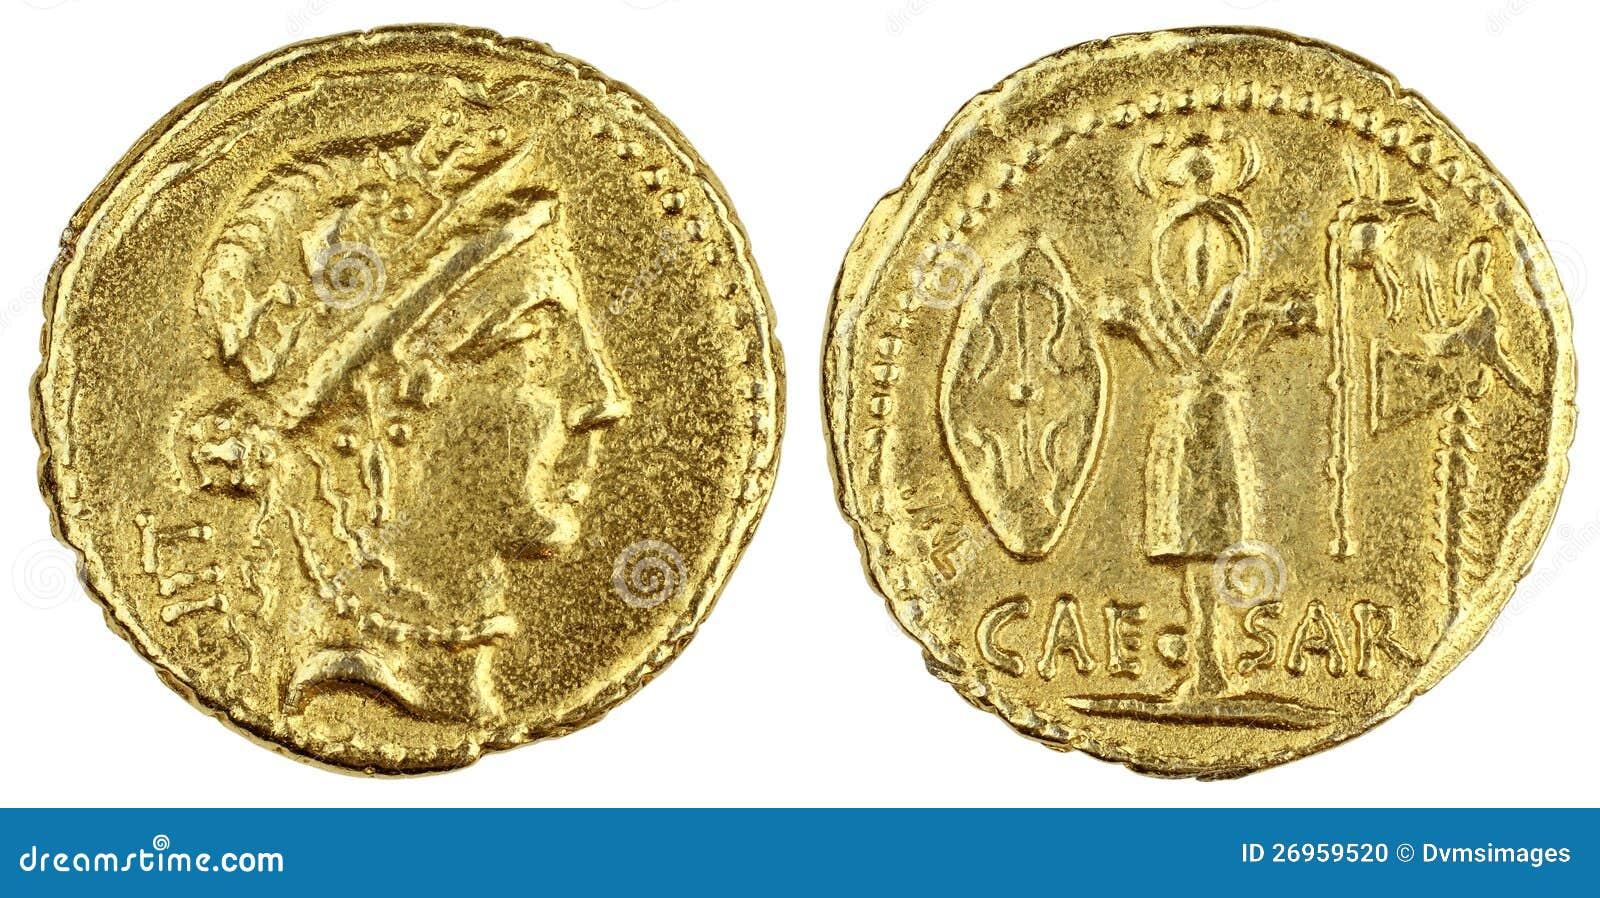 pi ce de monnaie romaine d 39 or photo stock image 26959520. Black Bedroom Furniture Sets. Home Design Ideas